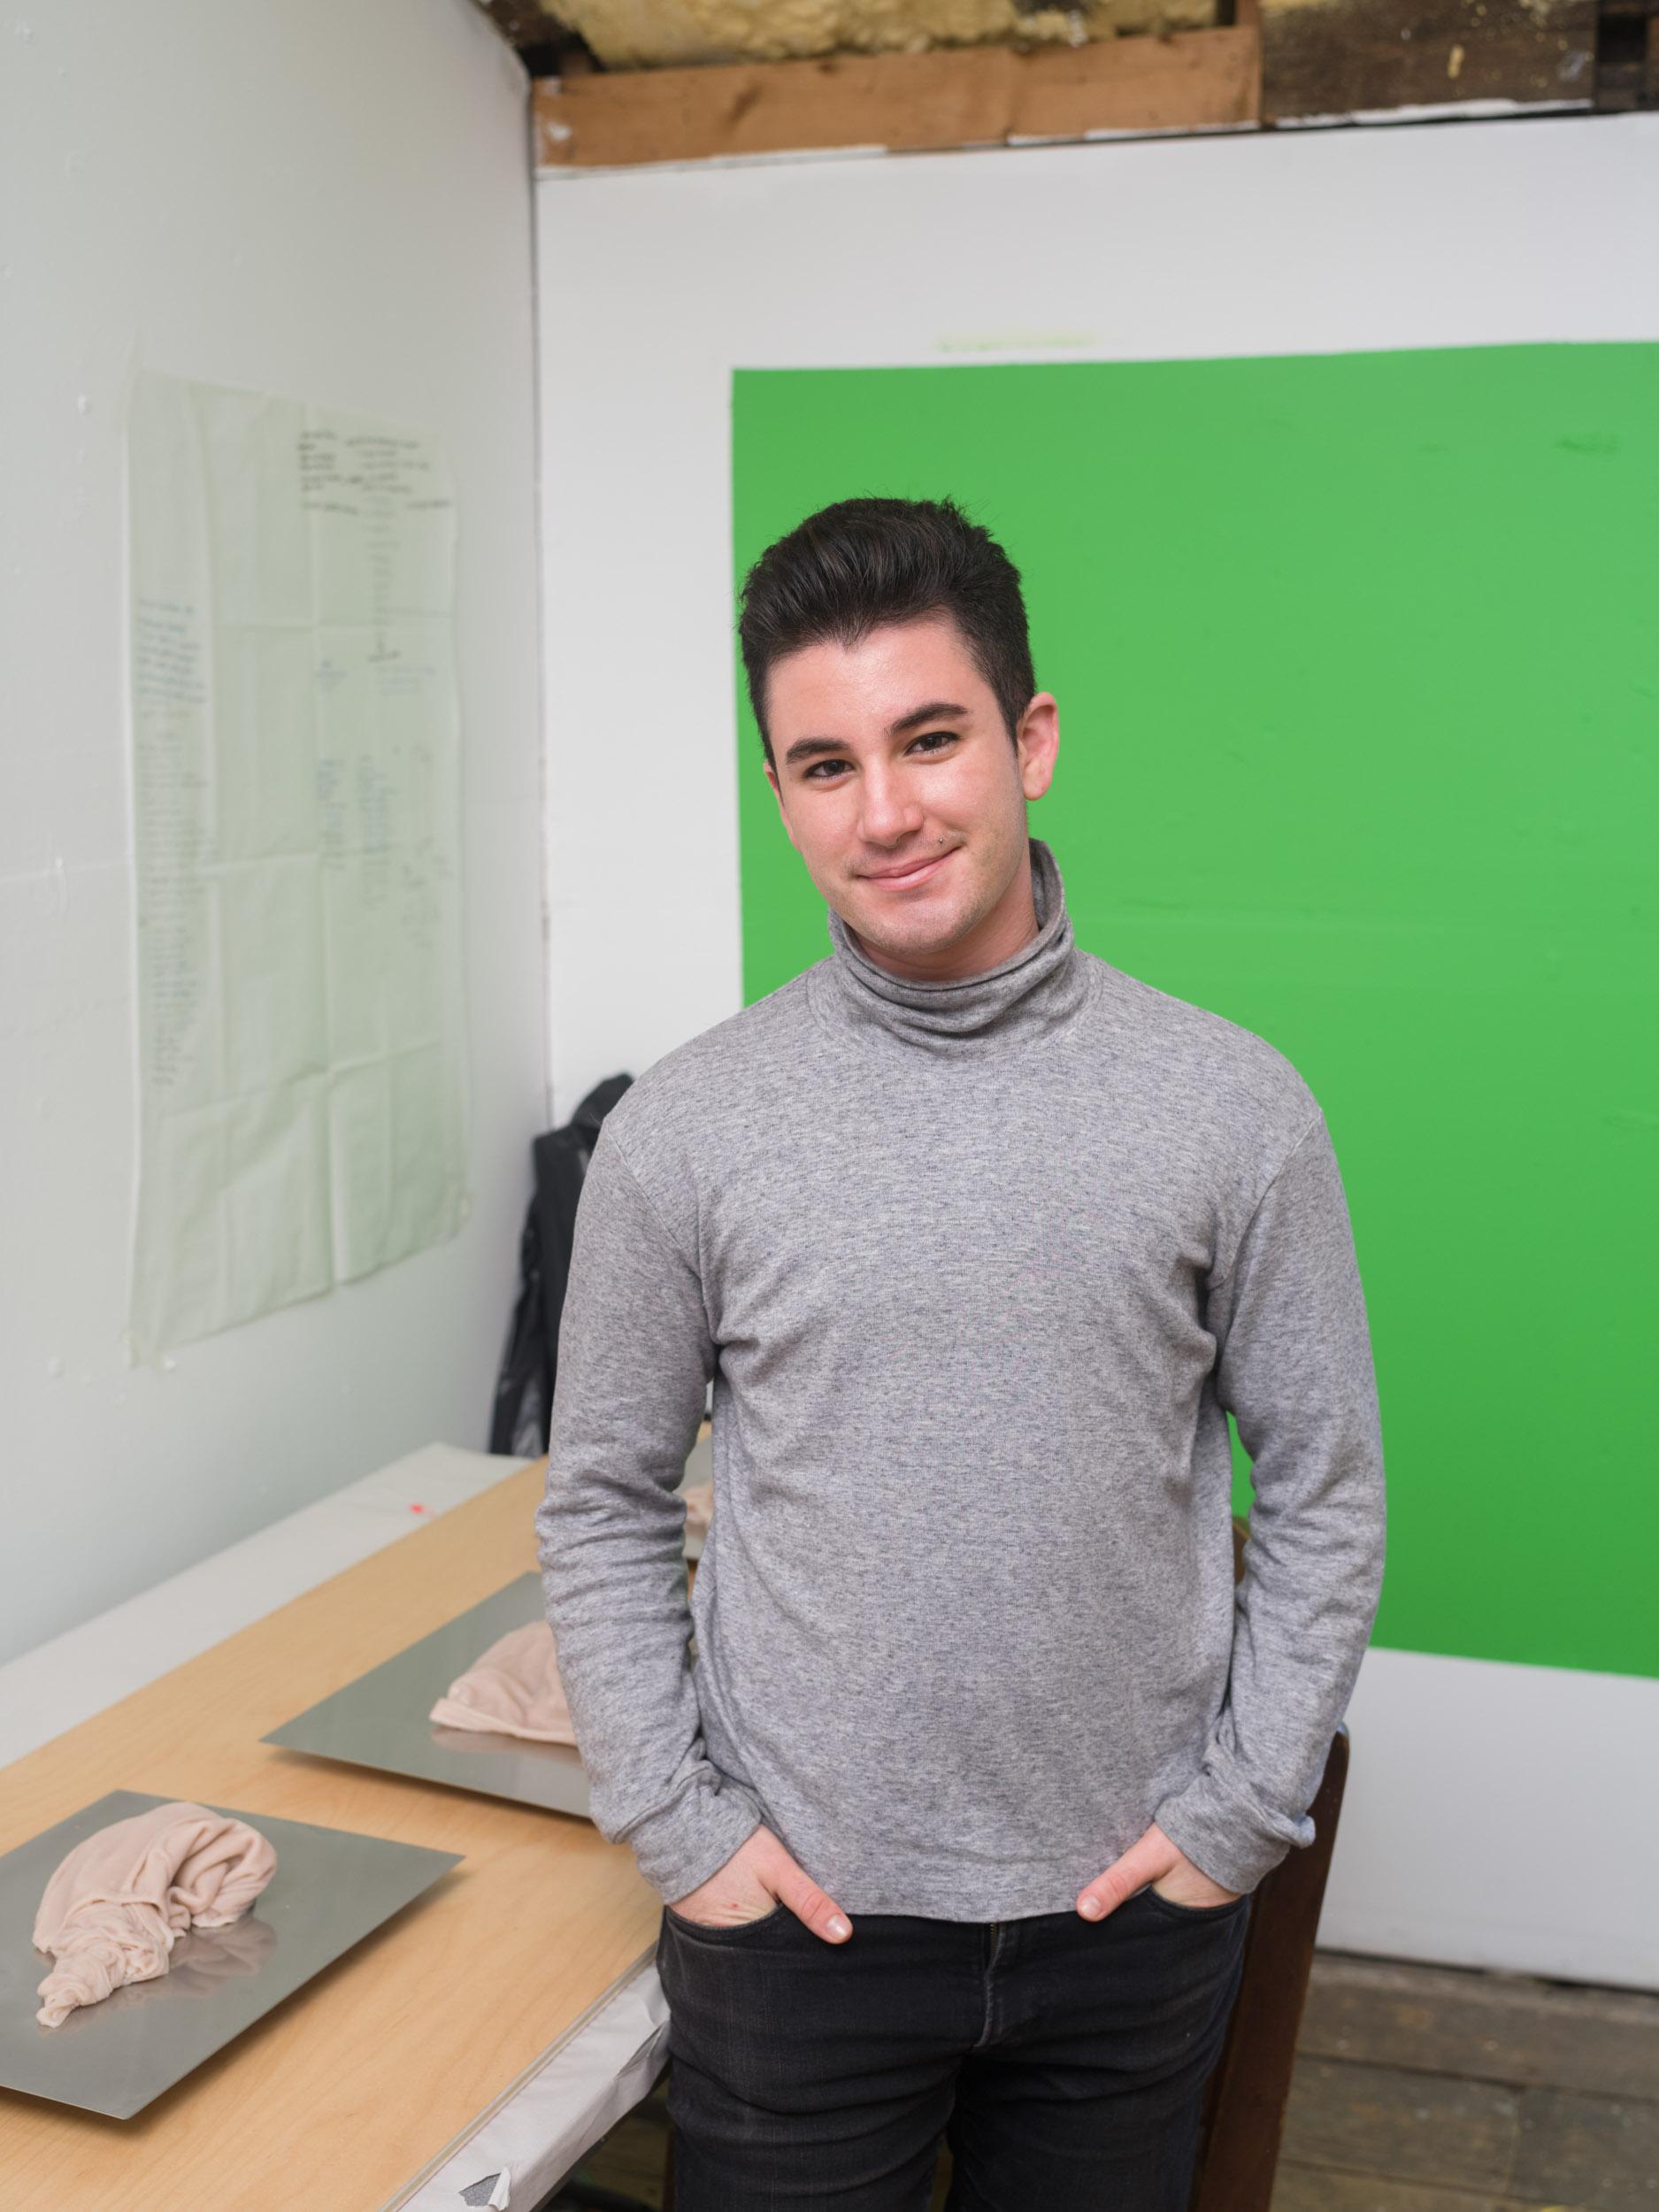 JOSEPH LIATELA - Artist-in-Residence